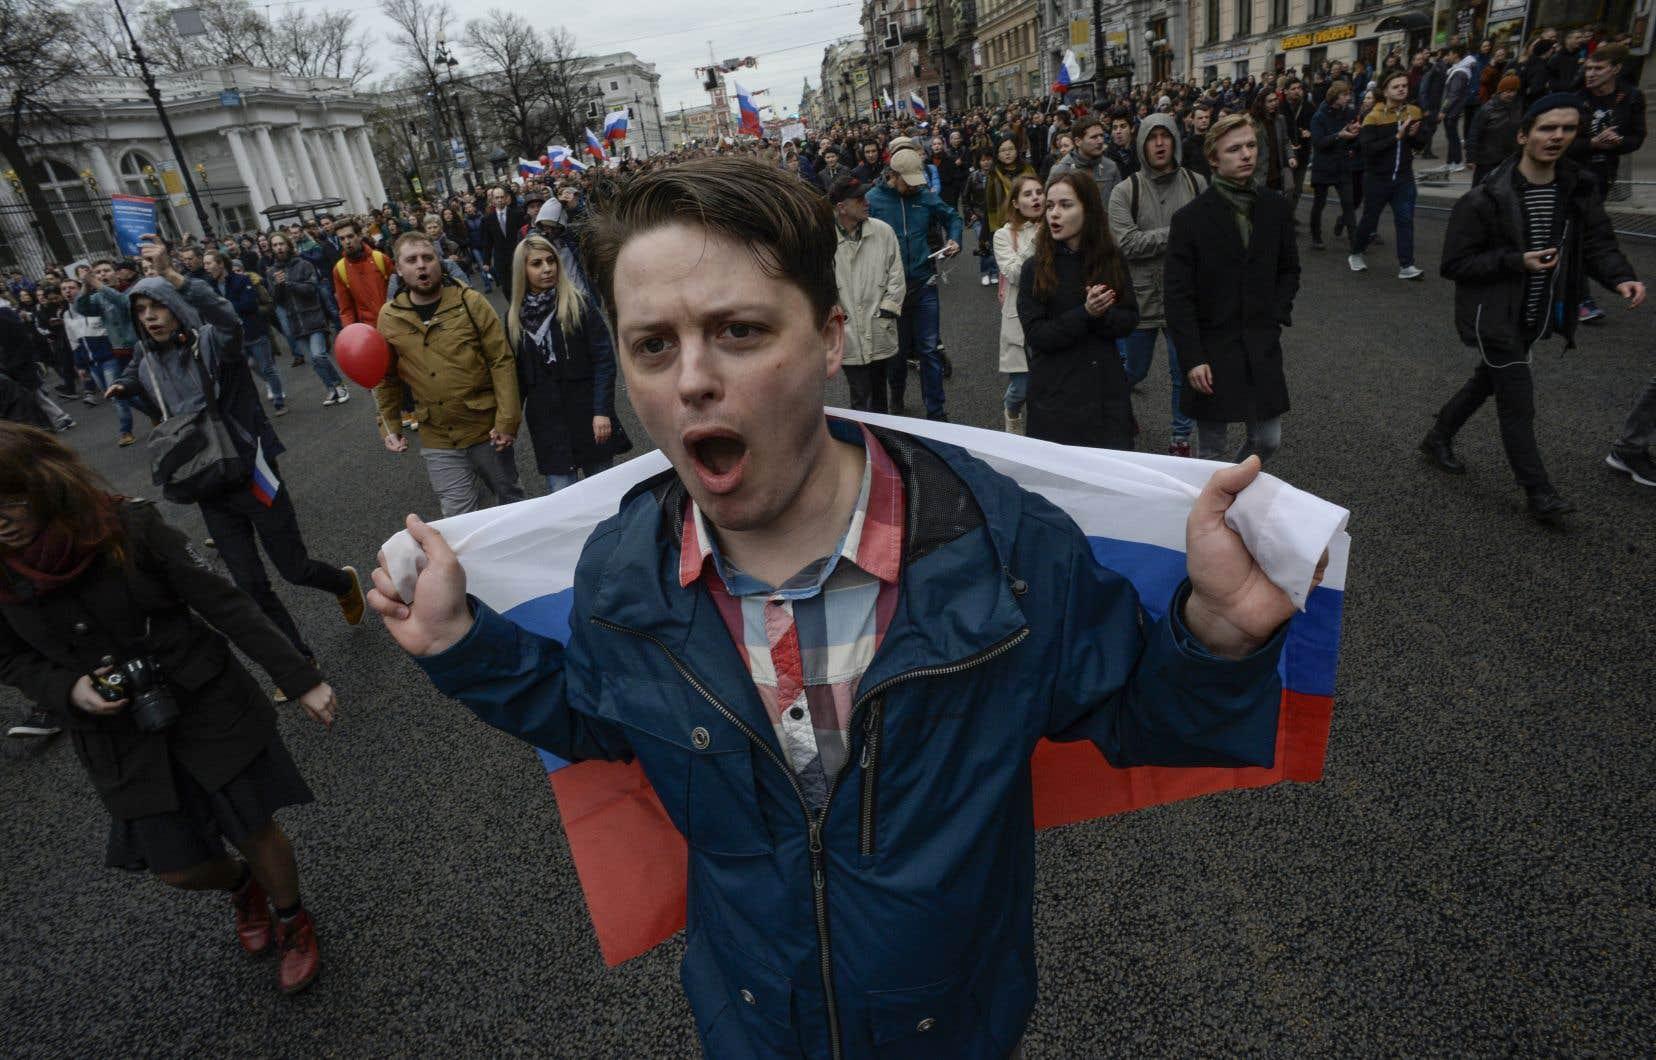 Ce week-end, plusieurs milliers de manifestants ont réclamé le départ de l'indéboulonnable Vladimir Poutine aux cris de «Nous ne voulons pas d'un tsar».